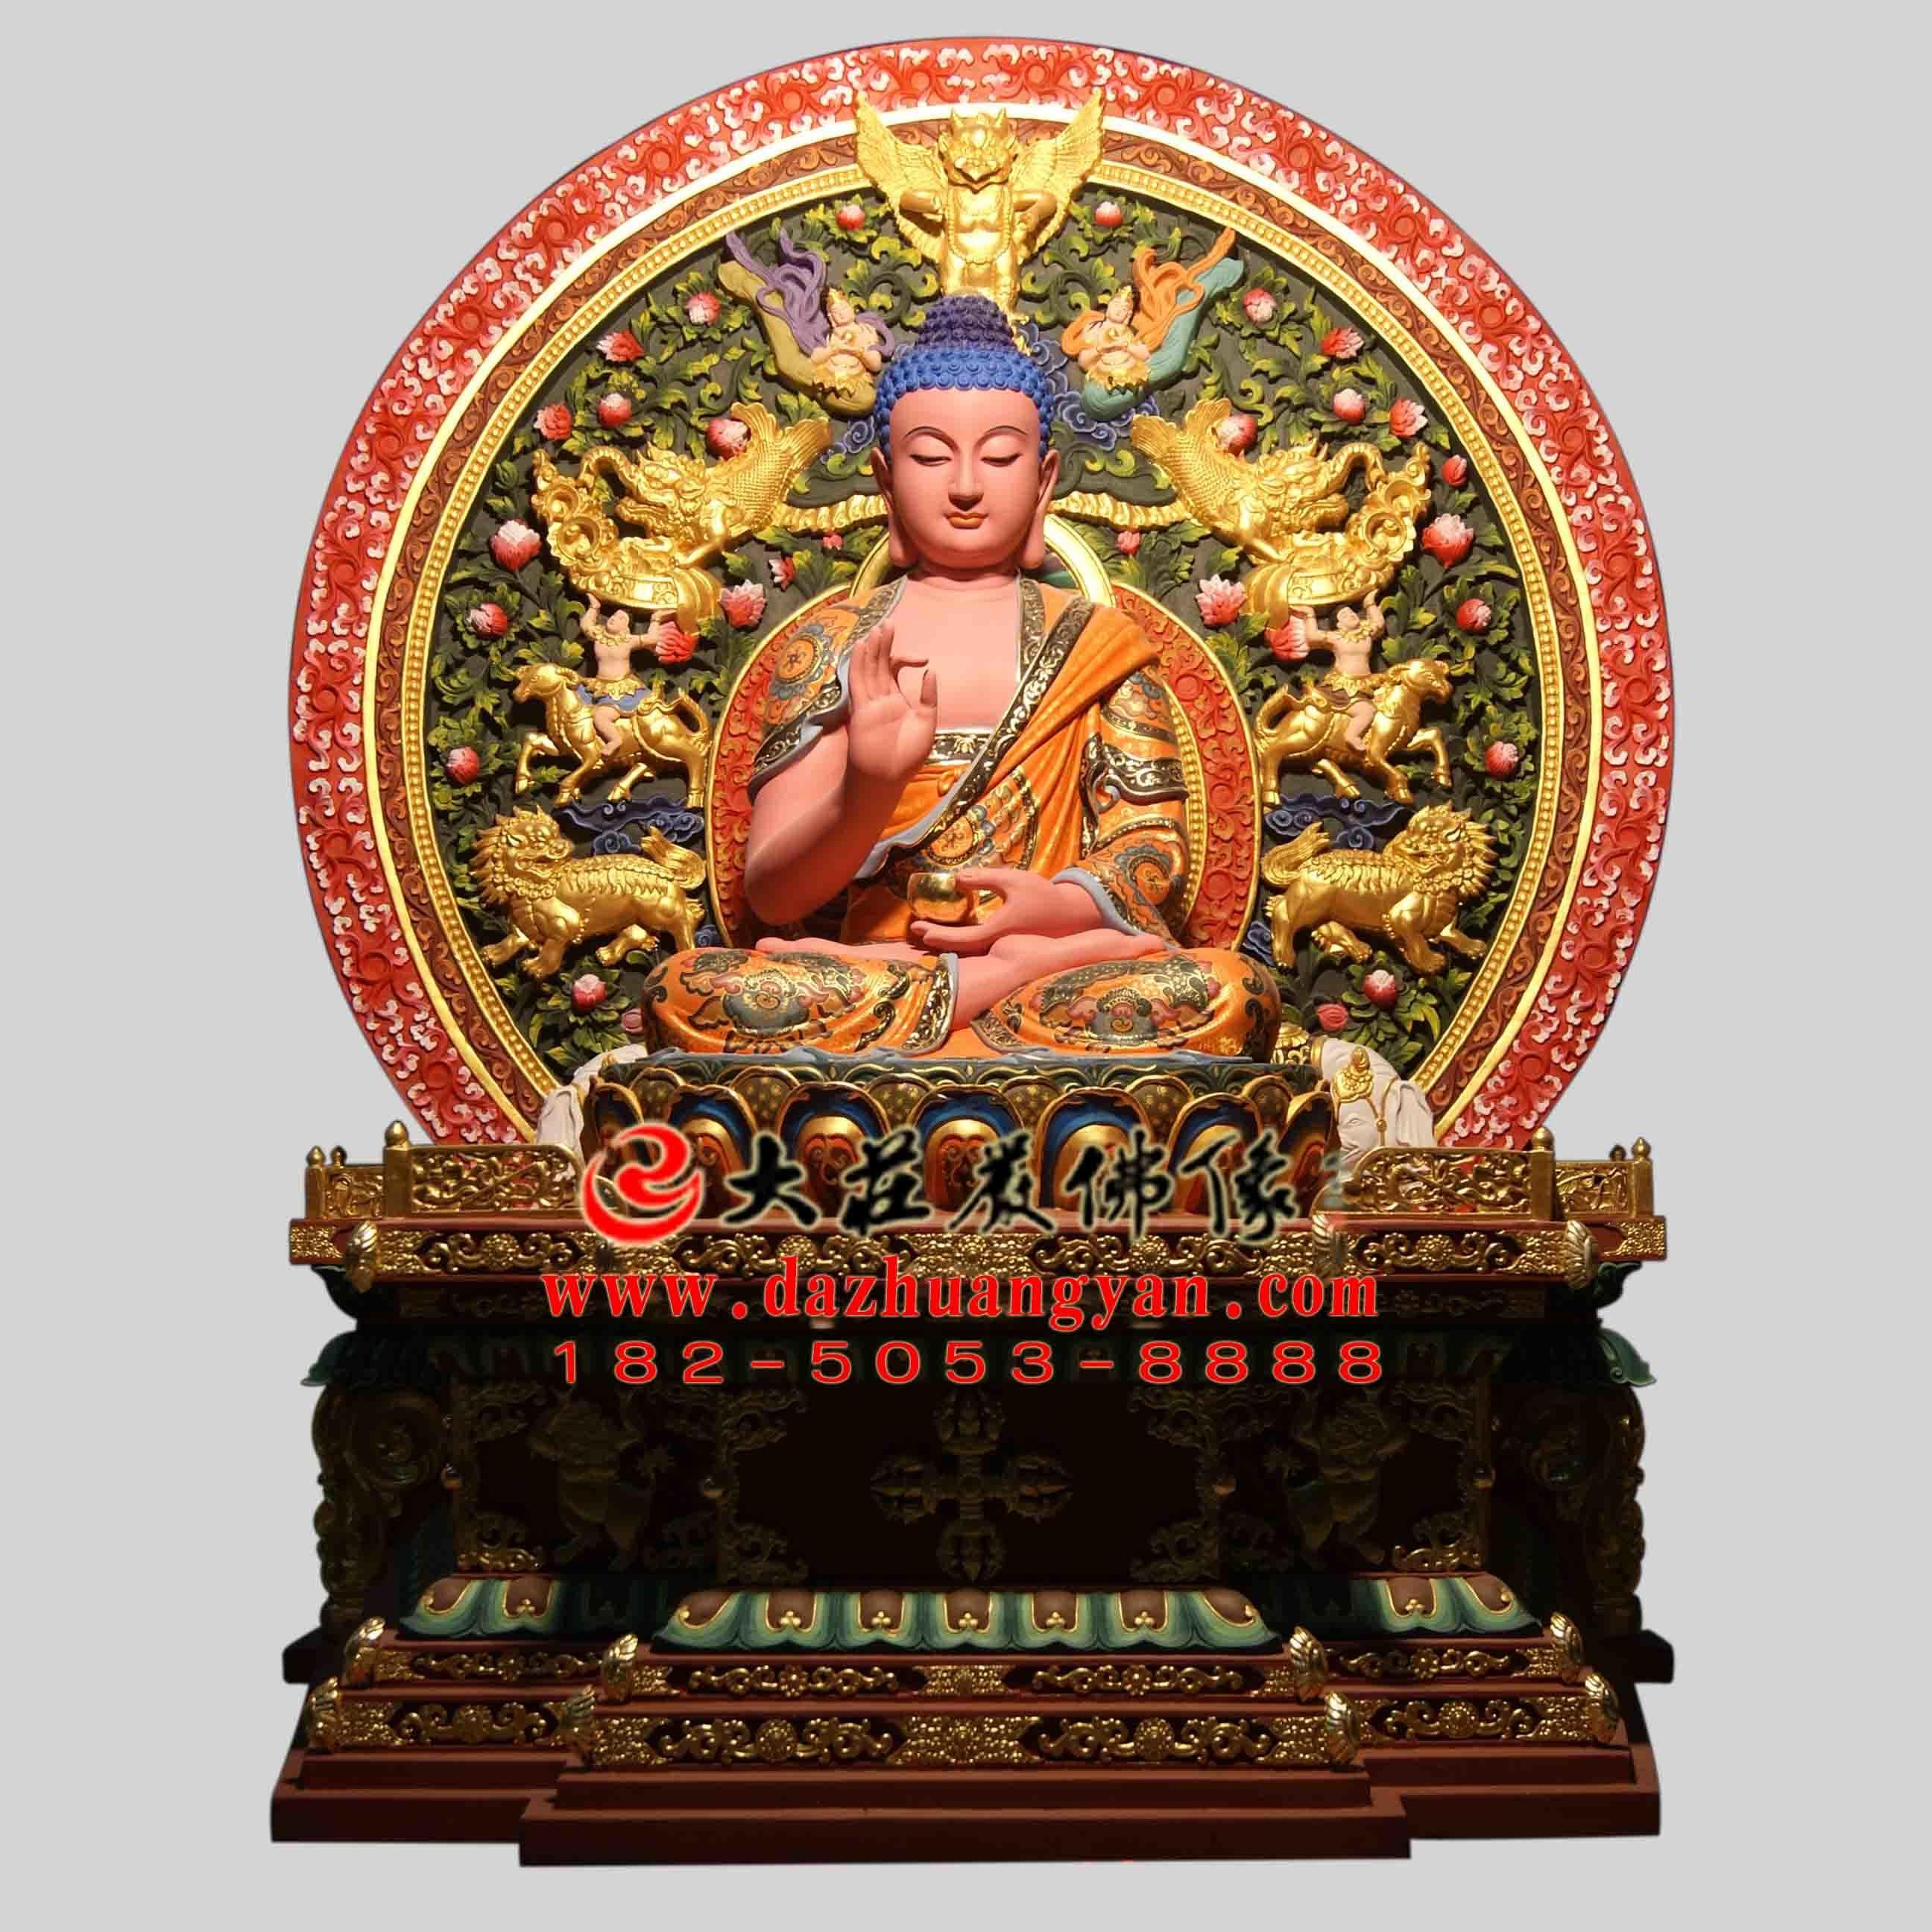 五方佛西方阿弥陀佛生漆脱胎彩绘佛像 接引佛无量寿佛雕塑定制